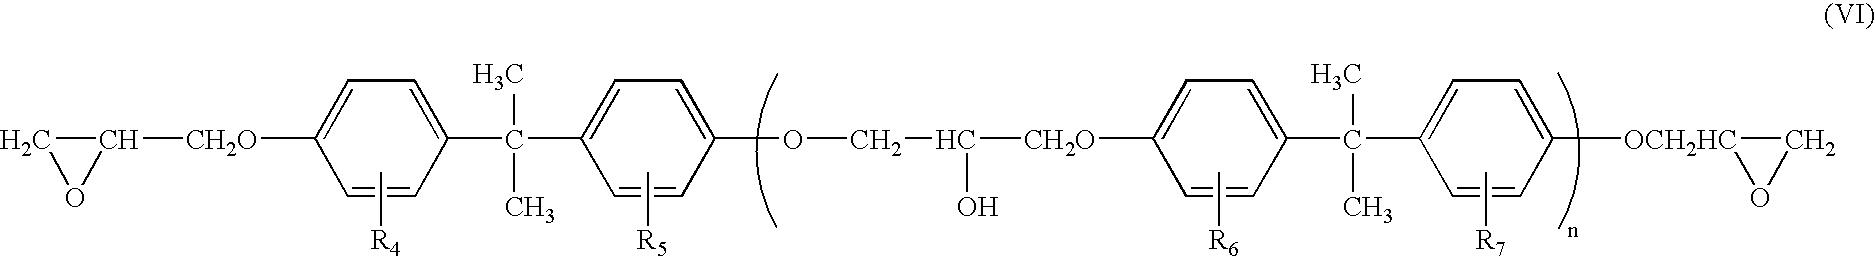 Figure US20060102882A1-20060518-C00003